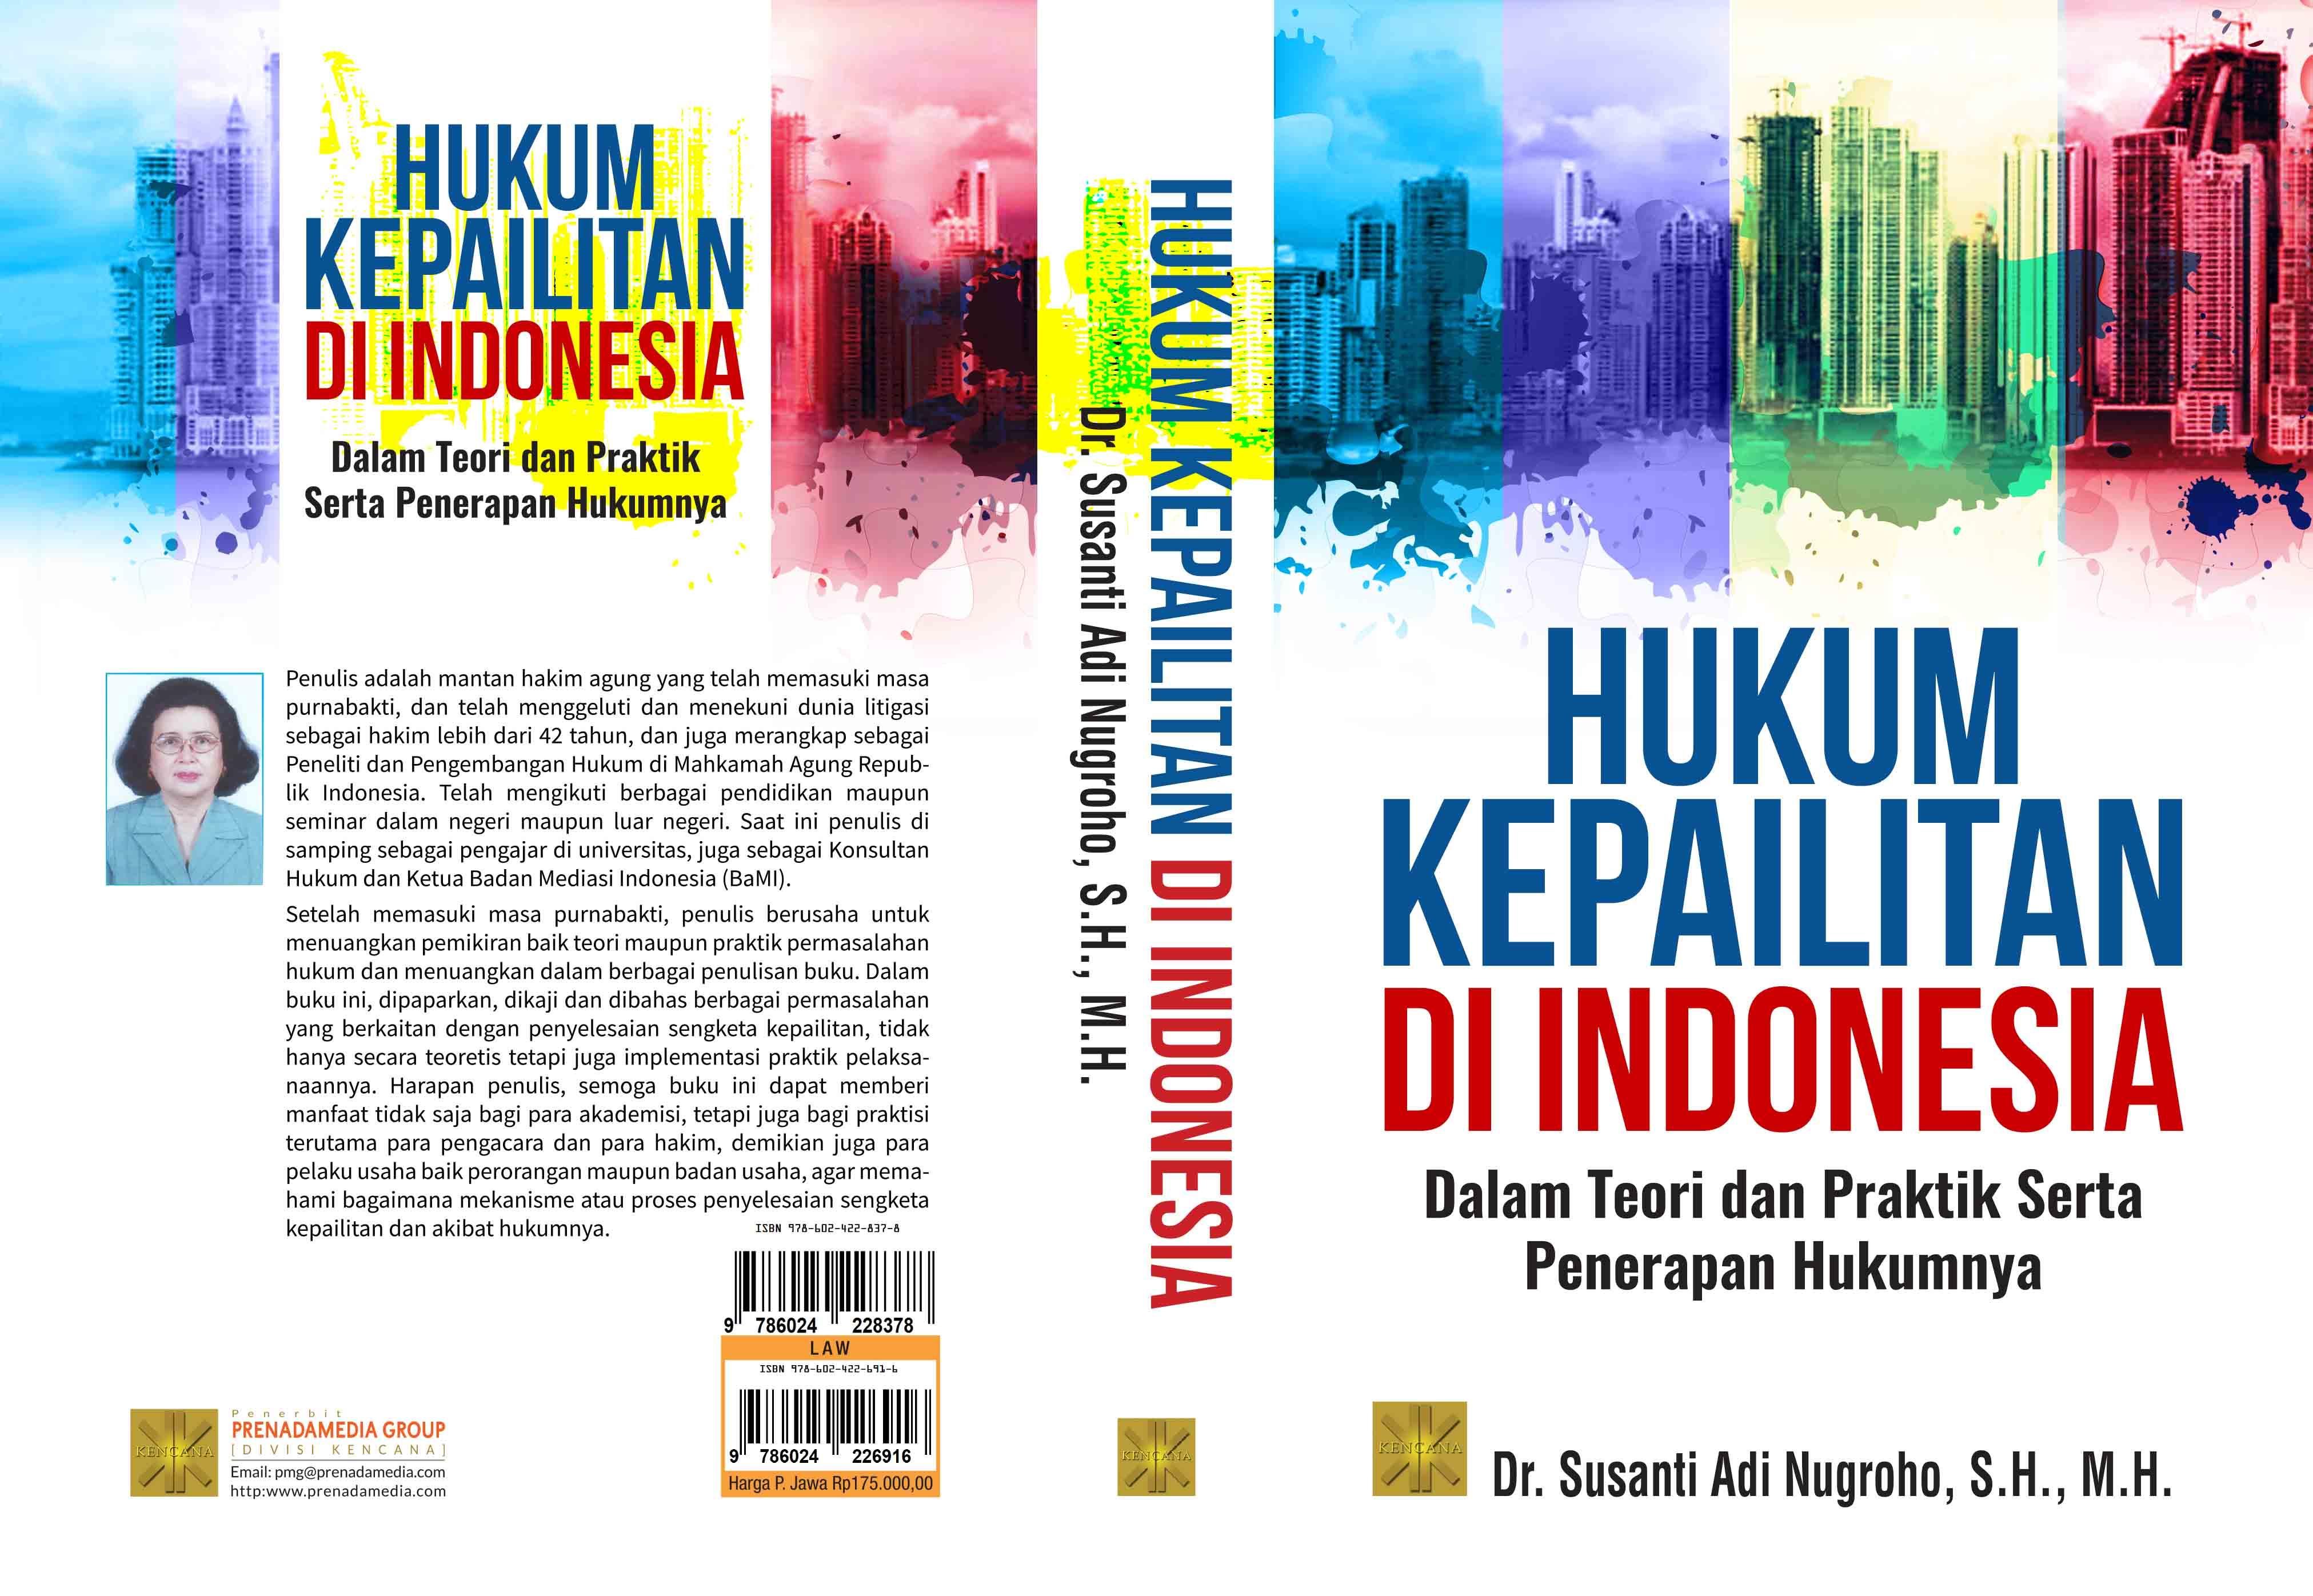 Hukum kepailitan di indonesia dalam teori dan praktik serta penerapan hukumnya [sumber elektronis]